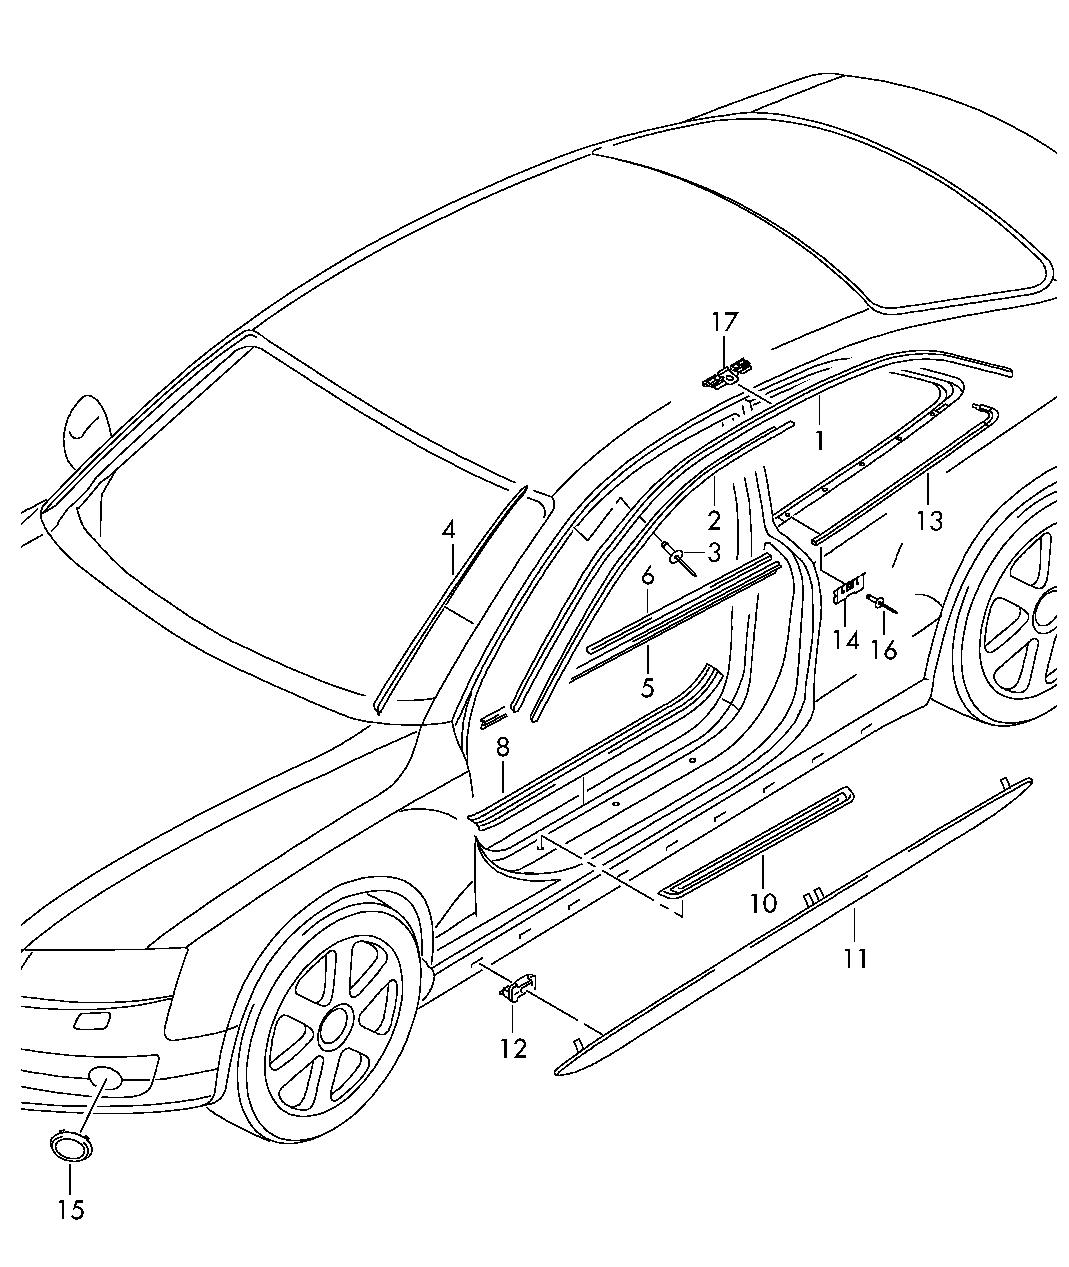 Запчасти Ауди А4 / С4. Каталог запчастей Audi A4/S4/Avant